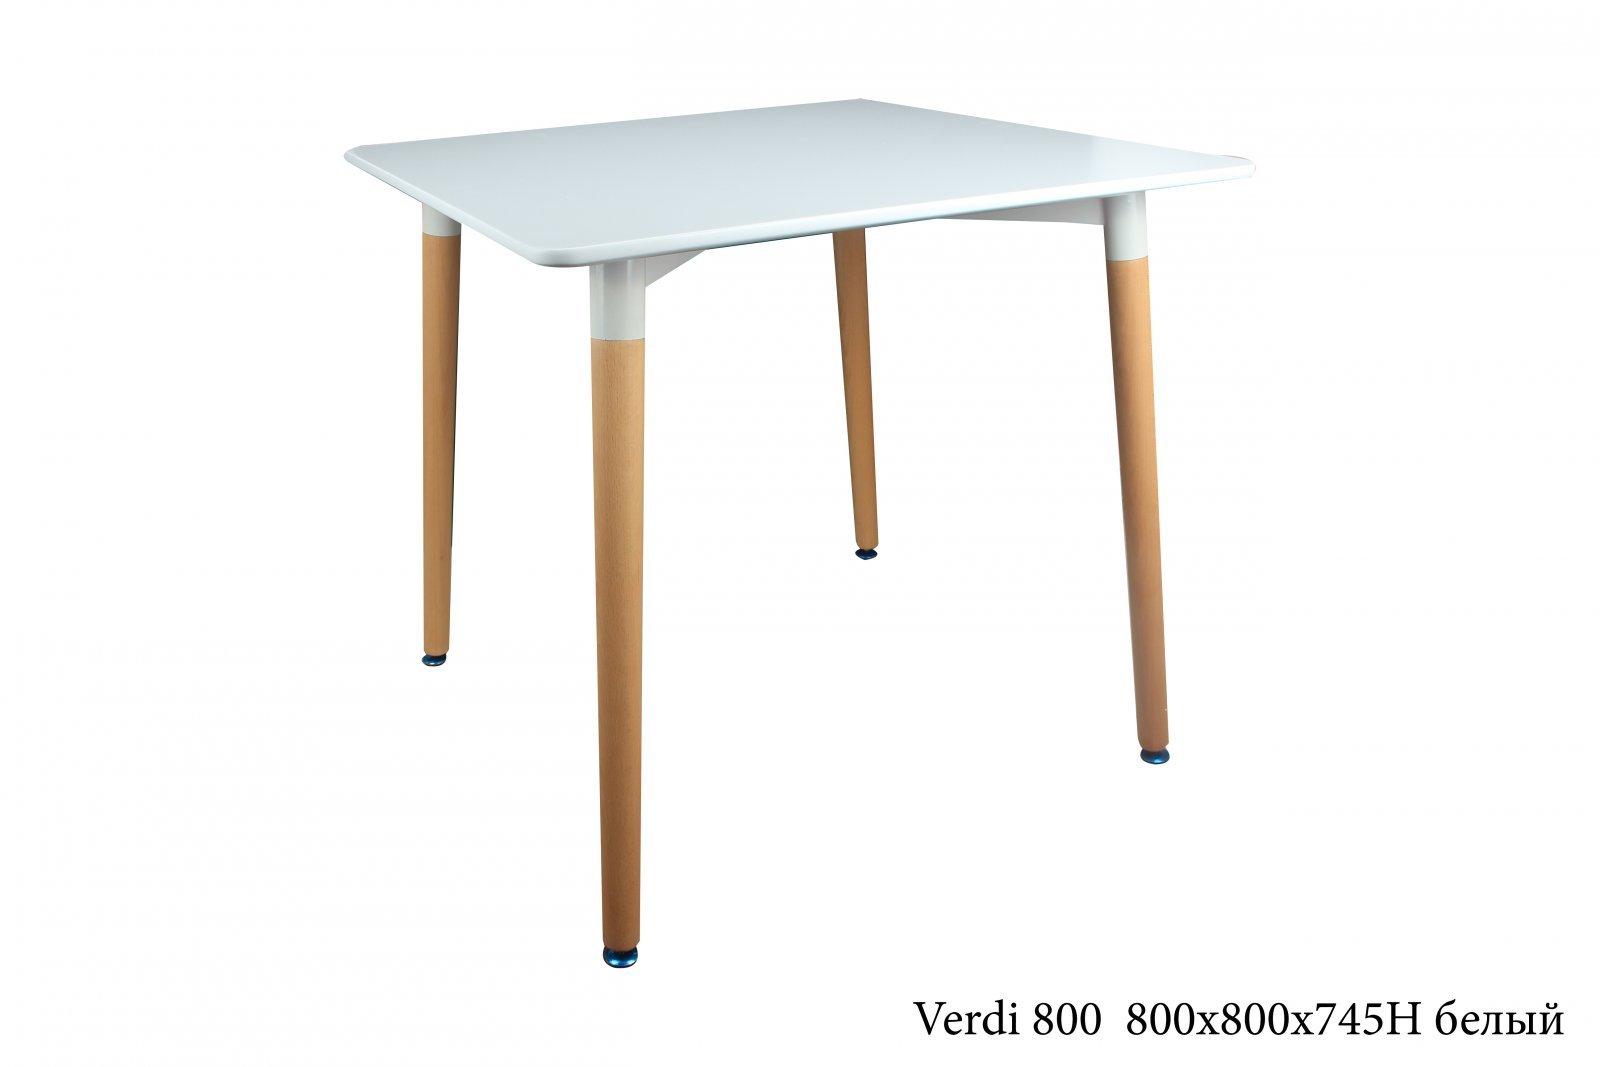 Фото - Стол квадратный Verdi 800